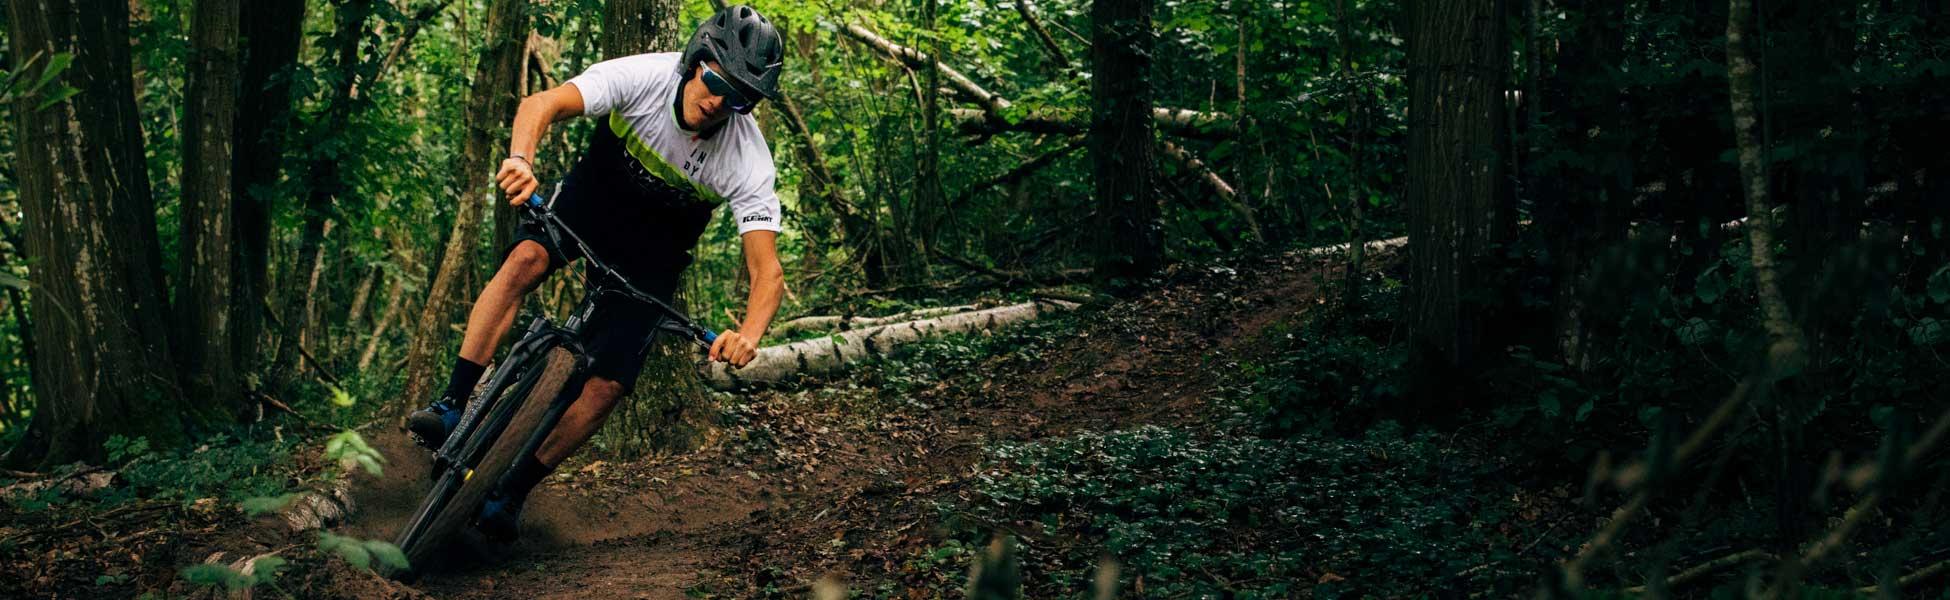 VTT Trail Sunn Shamann TR